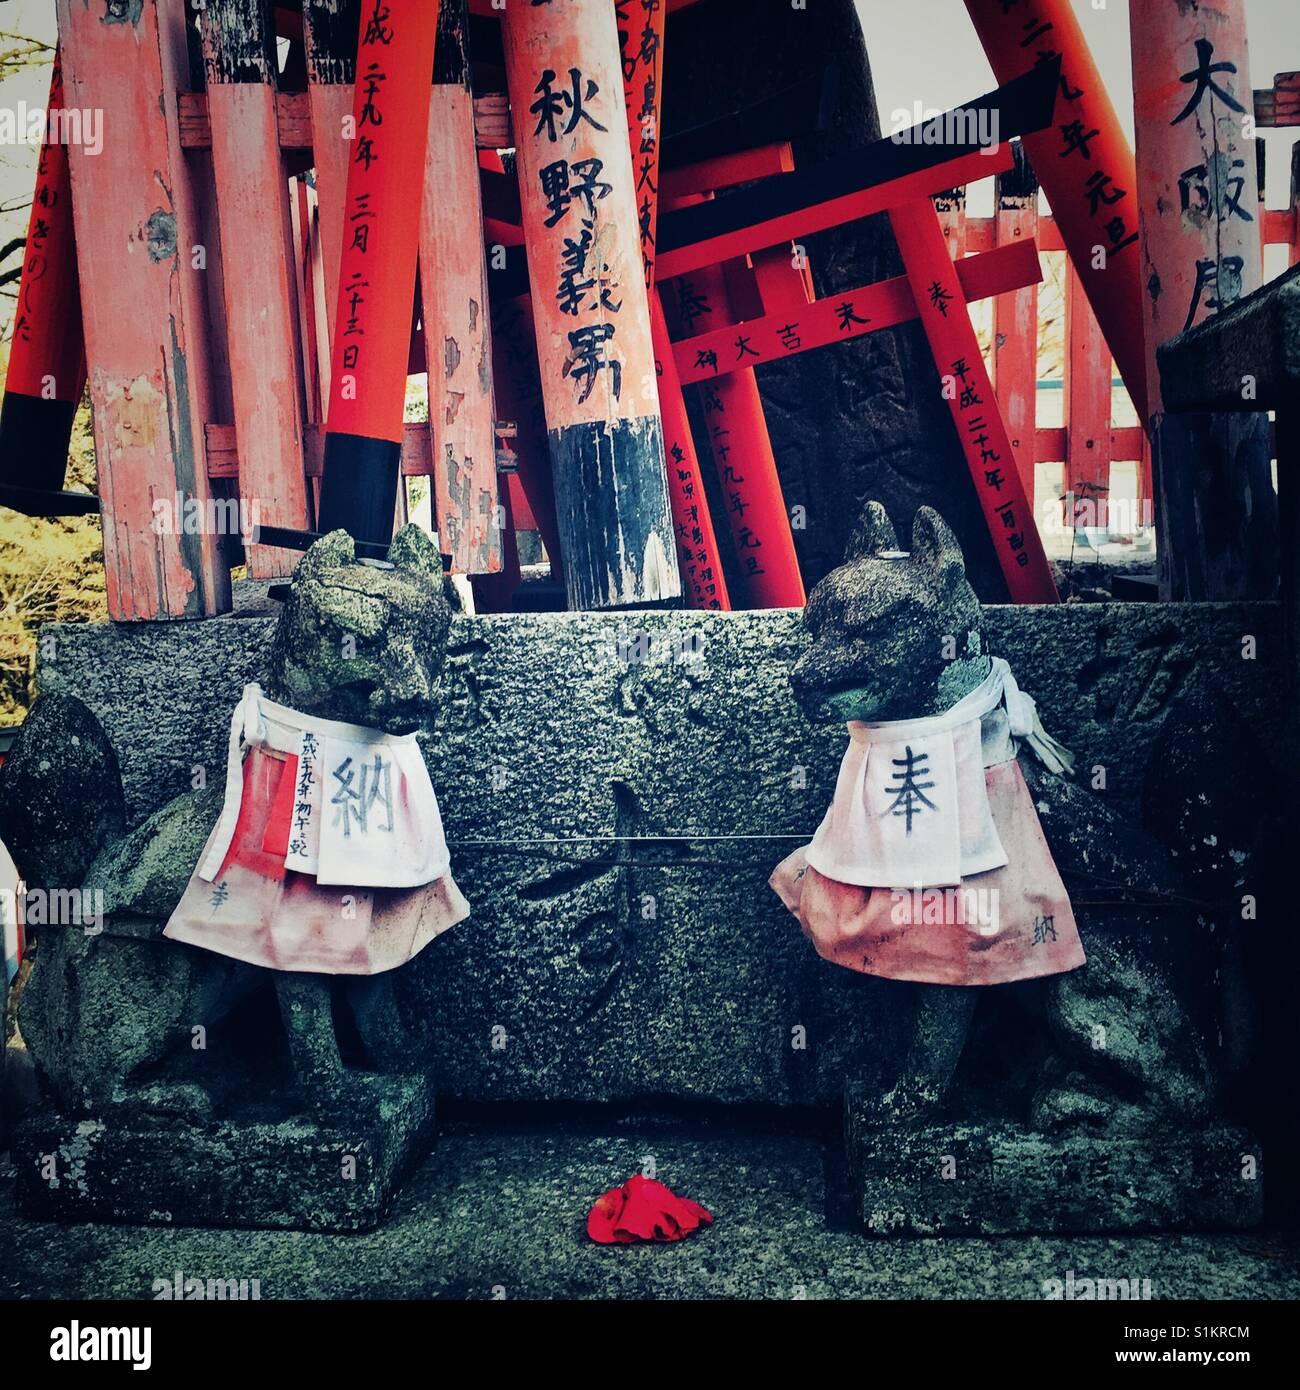 Zwei steinerne geschnitzt Füchse in Schürzen Wache Torii-Tore im Fushimi Inari in Kyoto Stockbild